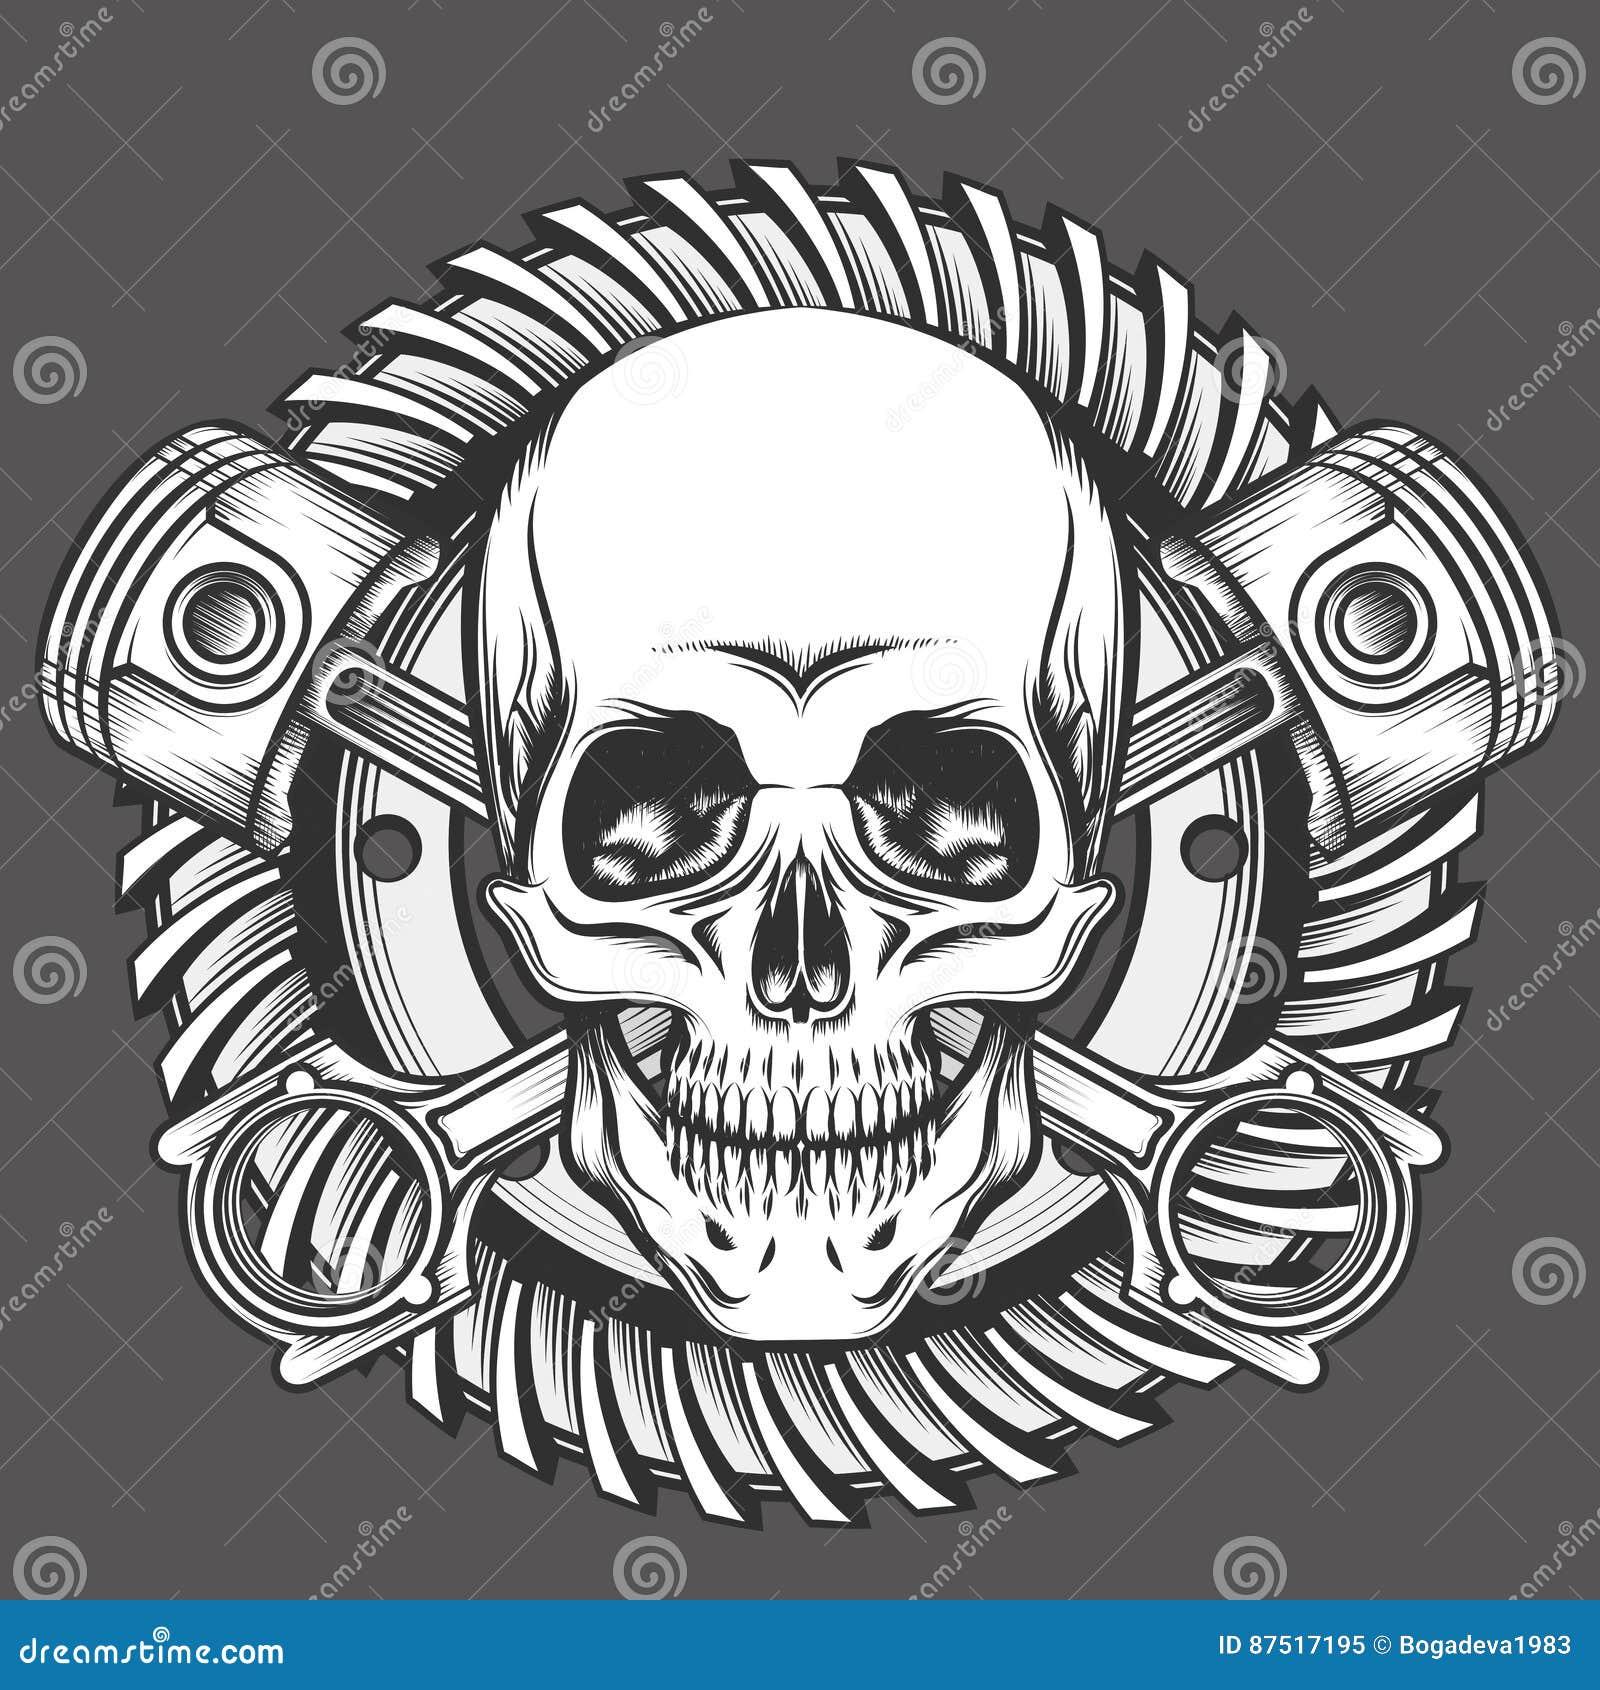 vintage biker skull with crossed piston emblem vector illustration 47624862. Black Bedroom Furniture Sets. Home Design Ideas